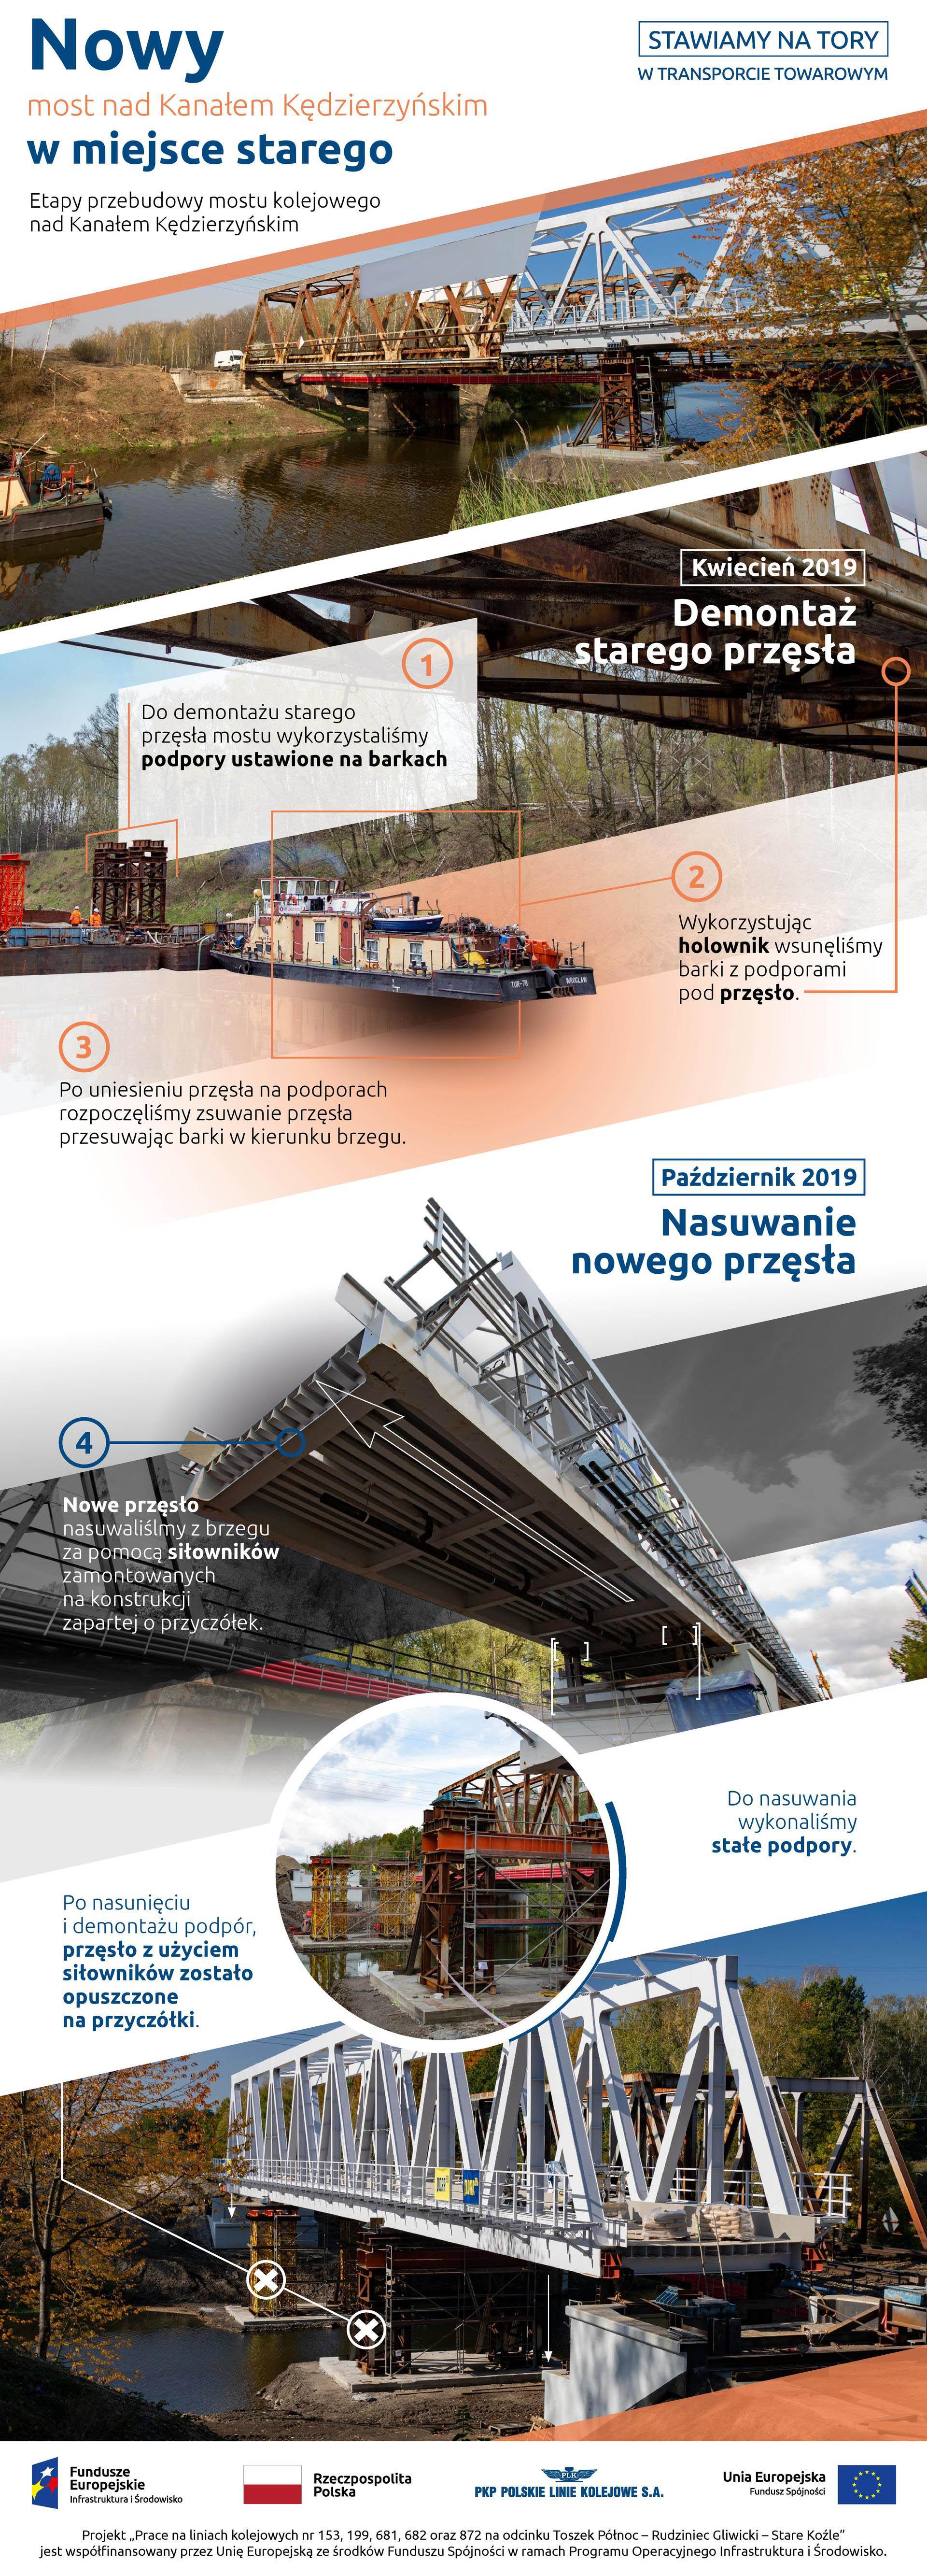 Infografika mówi o etapach prac na moście nad Kanałem Kędzierzyńskim. Kwiecień 2019 roku demontaż starego przęsła, październik 2019 roku nasuwanie nowe przęsła.